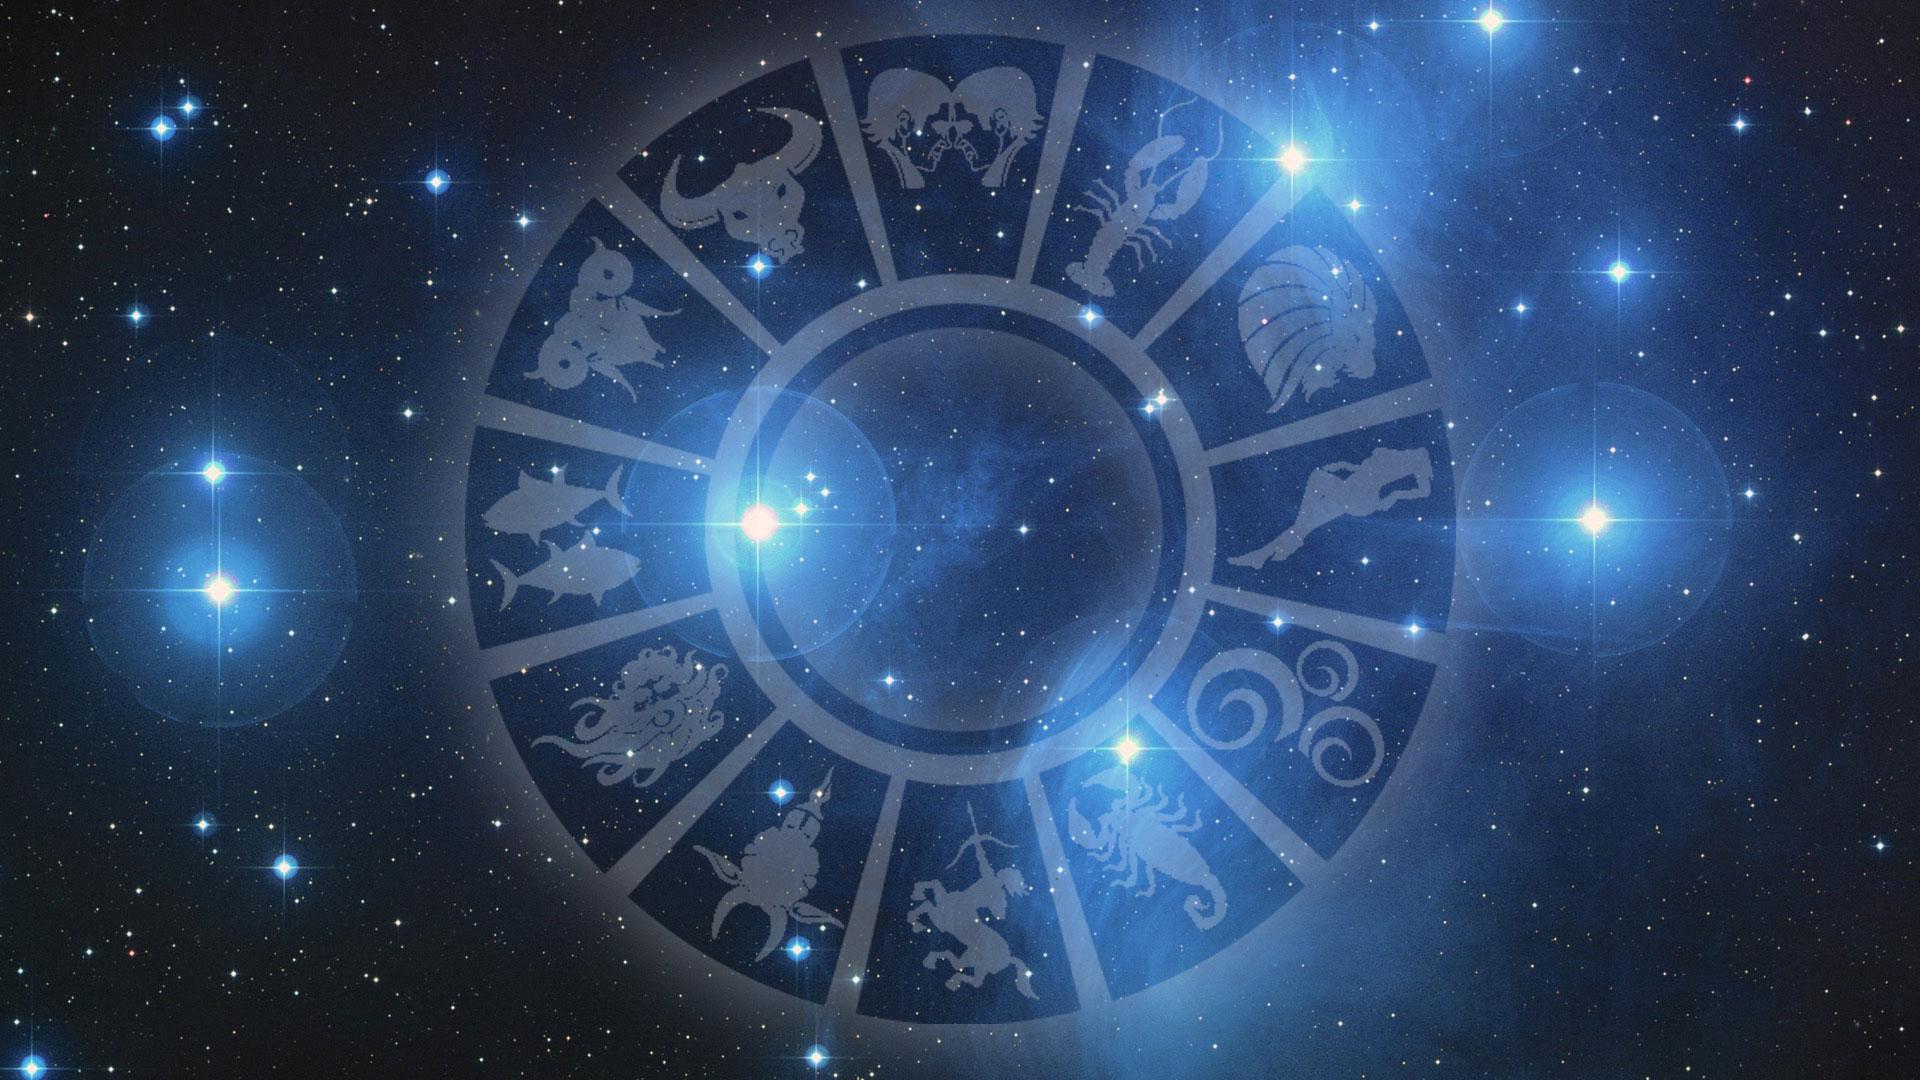 Integracija polariteta u astrologiji - Cijeli je naš život borba između suprotnosti